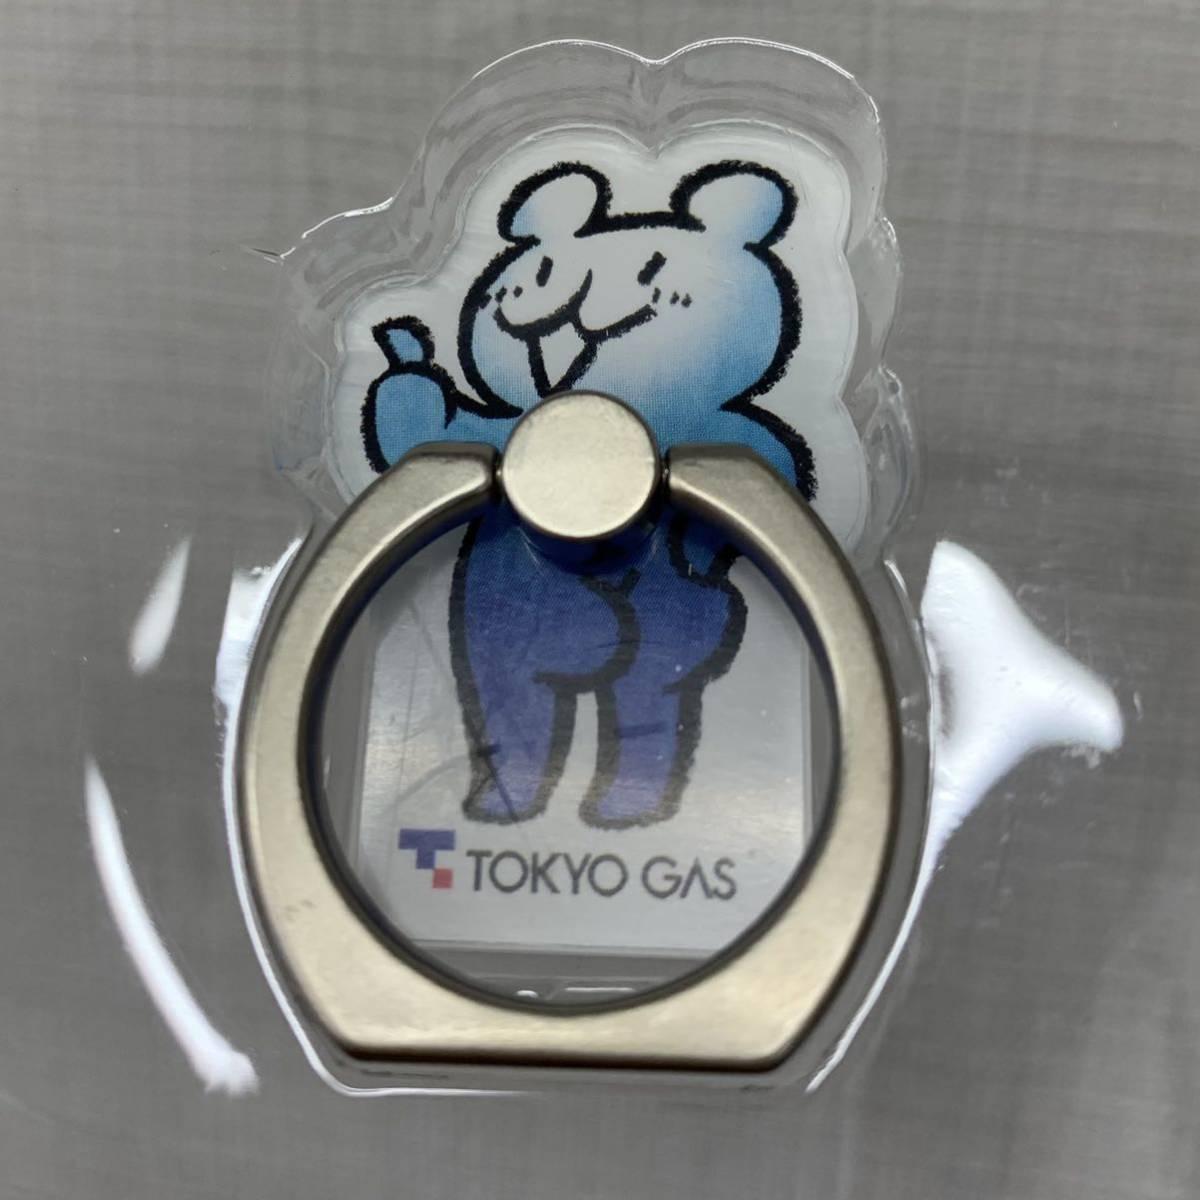 非売品!ガスパッチョ オリジナルスマホリング 東京ガス_画像4